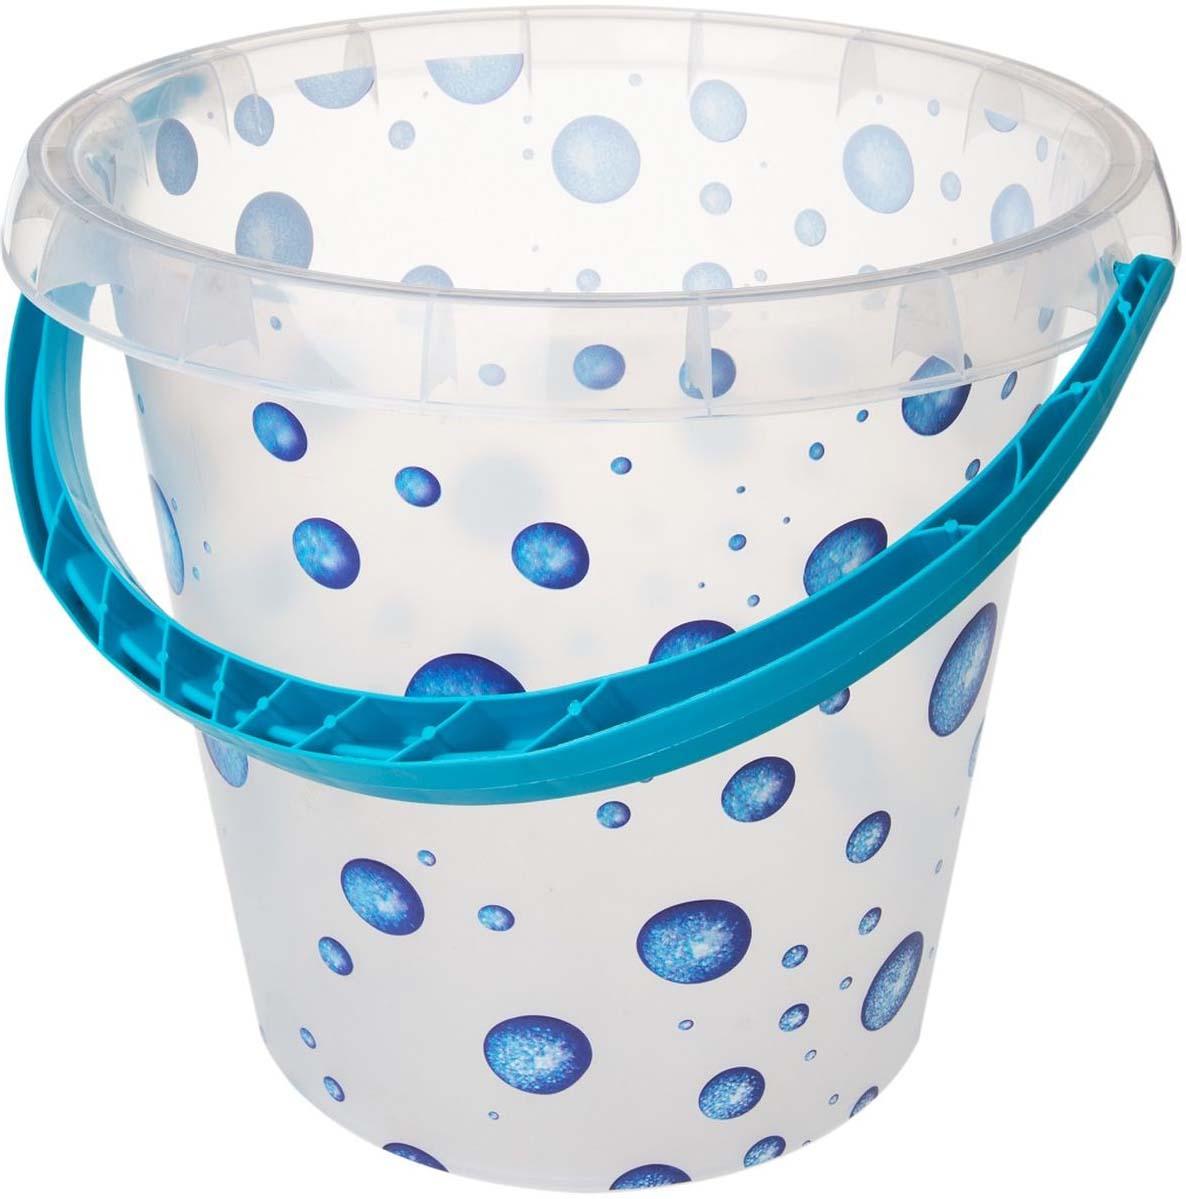 Ведро Plast Team Ampari, цвет: капли, 10 л ведро plast team прямоугольное цвет бирюзовый 16 л